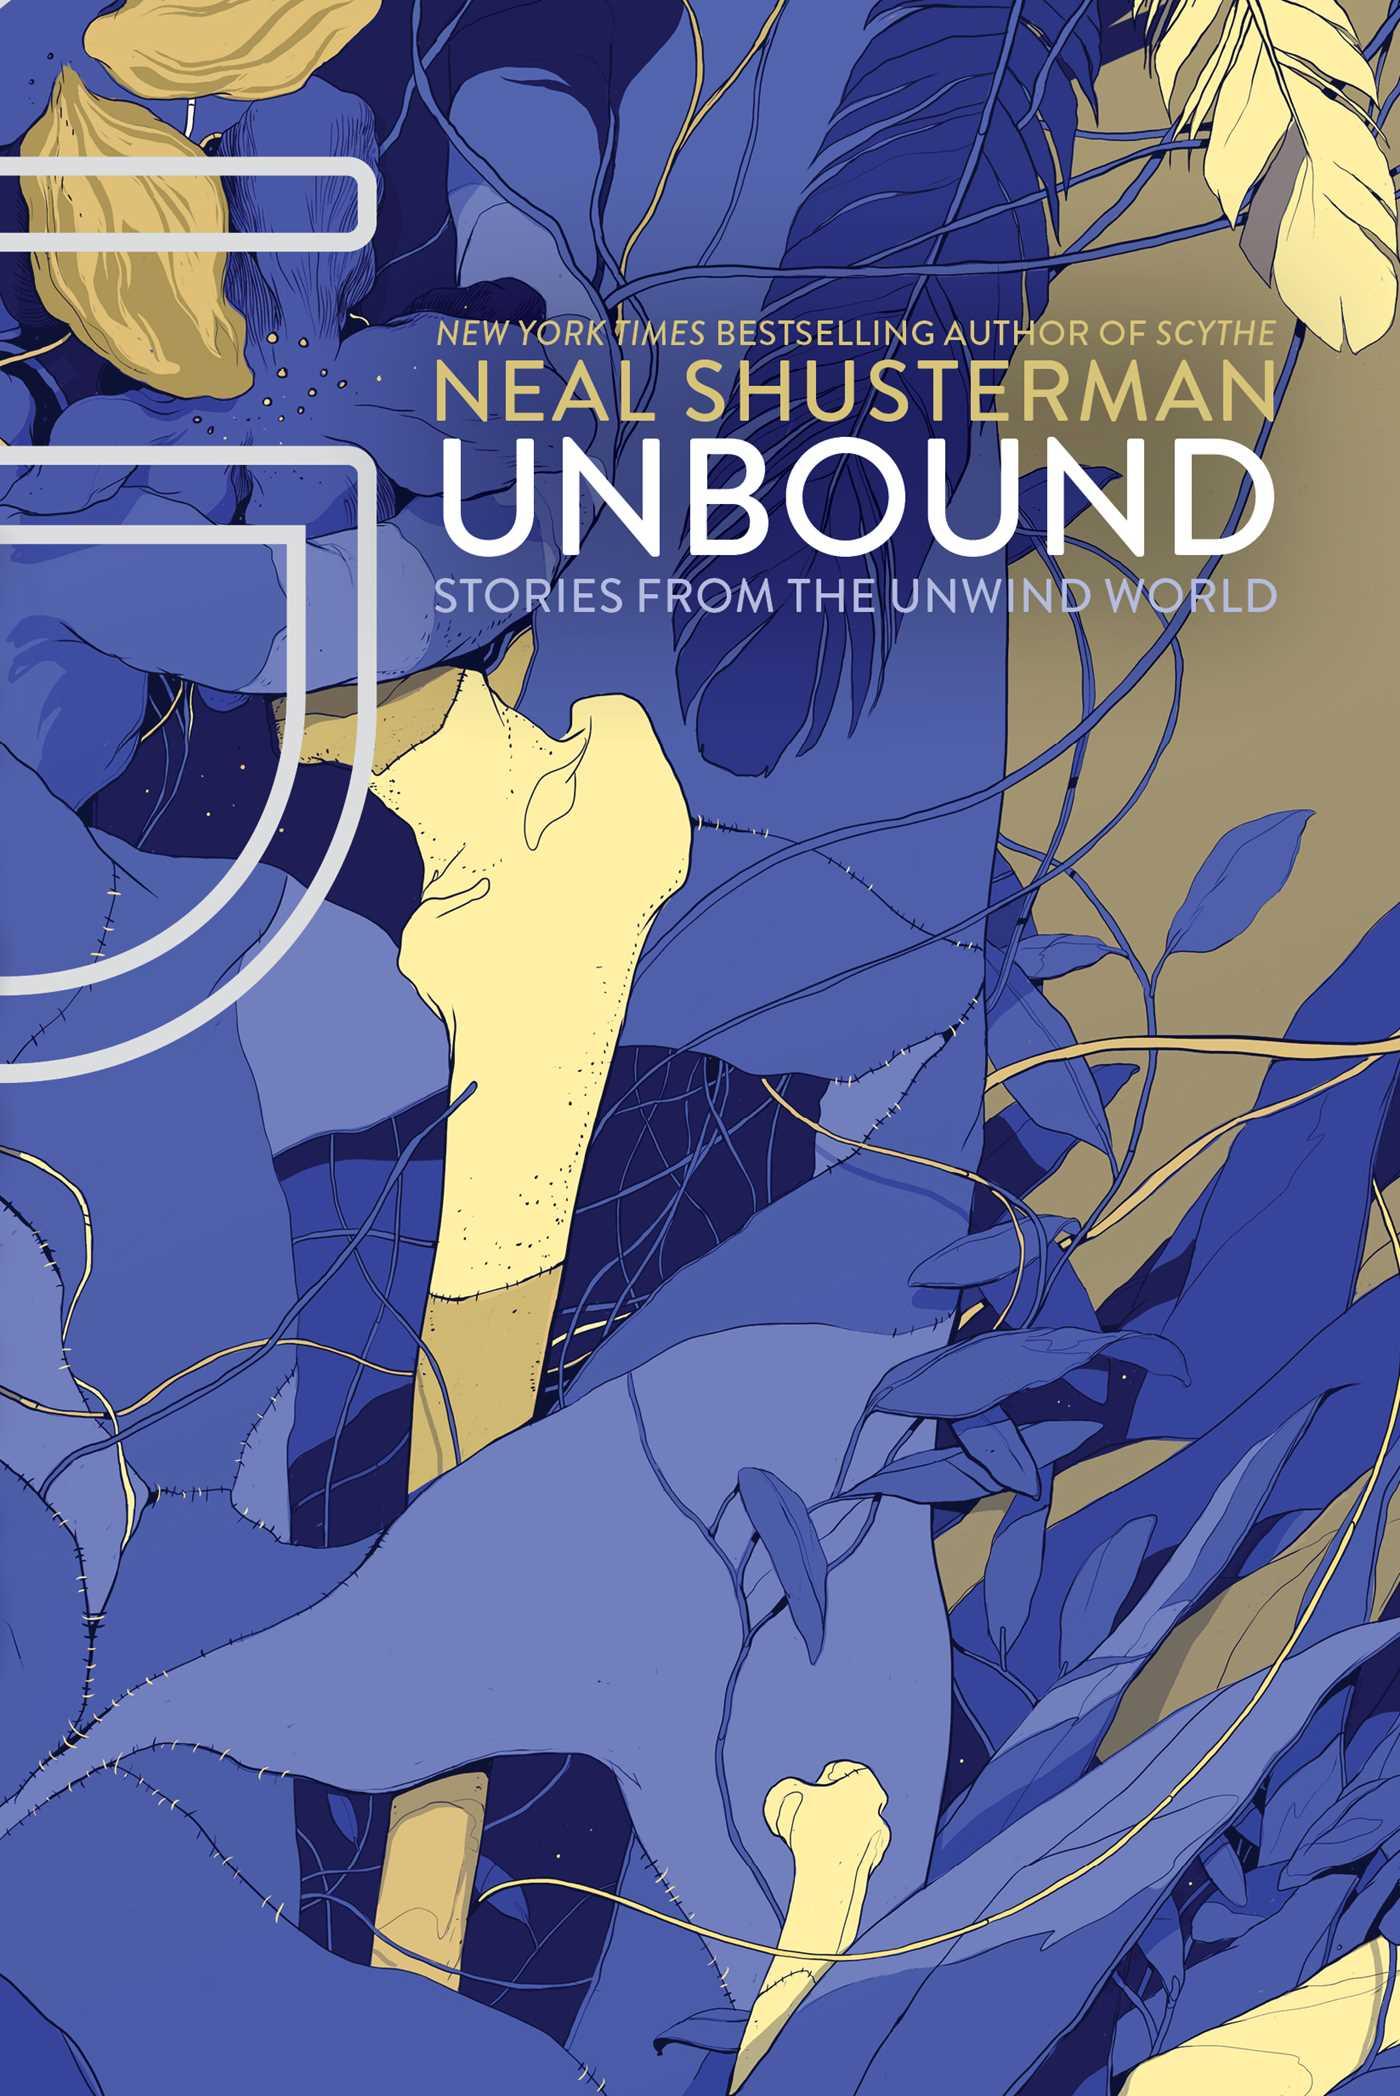 Unbound 9781481457248 hr